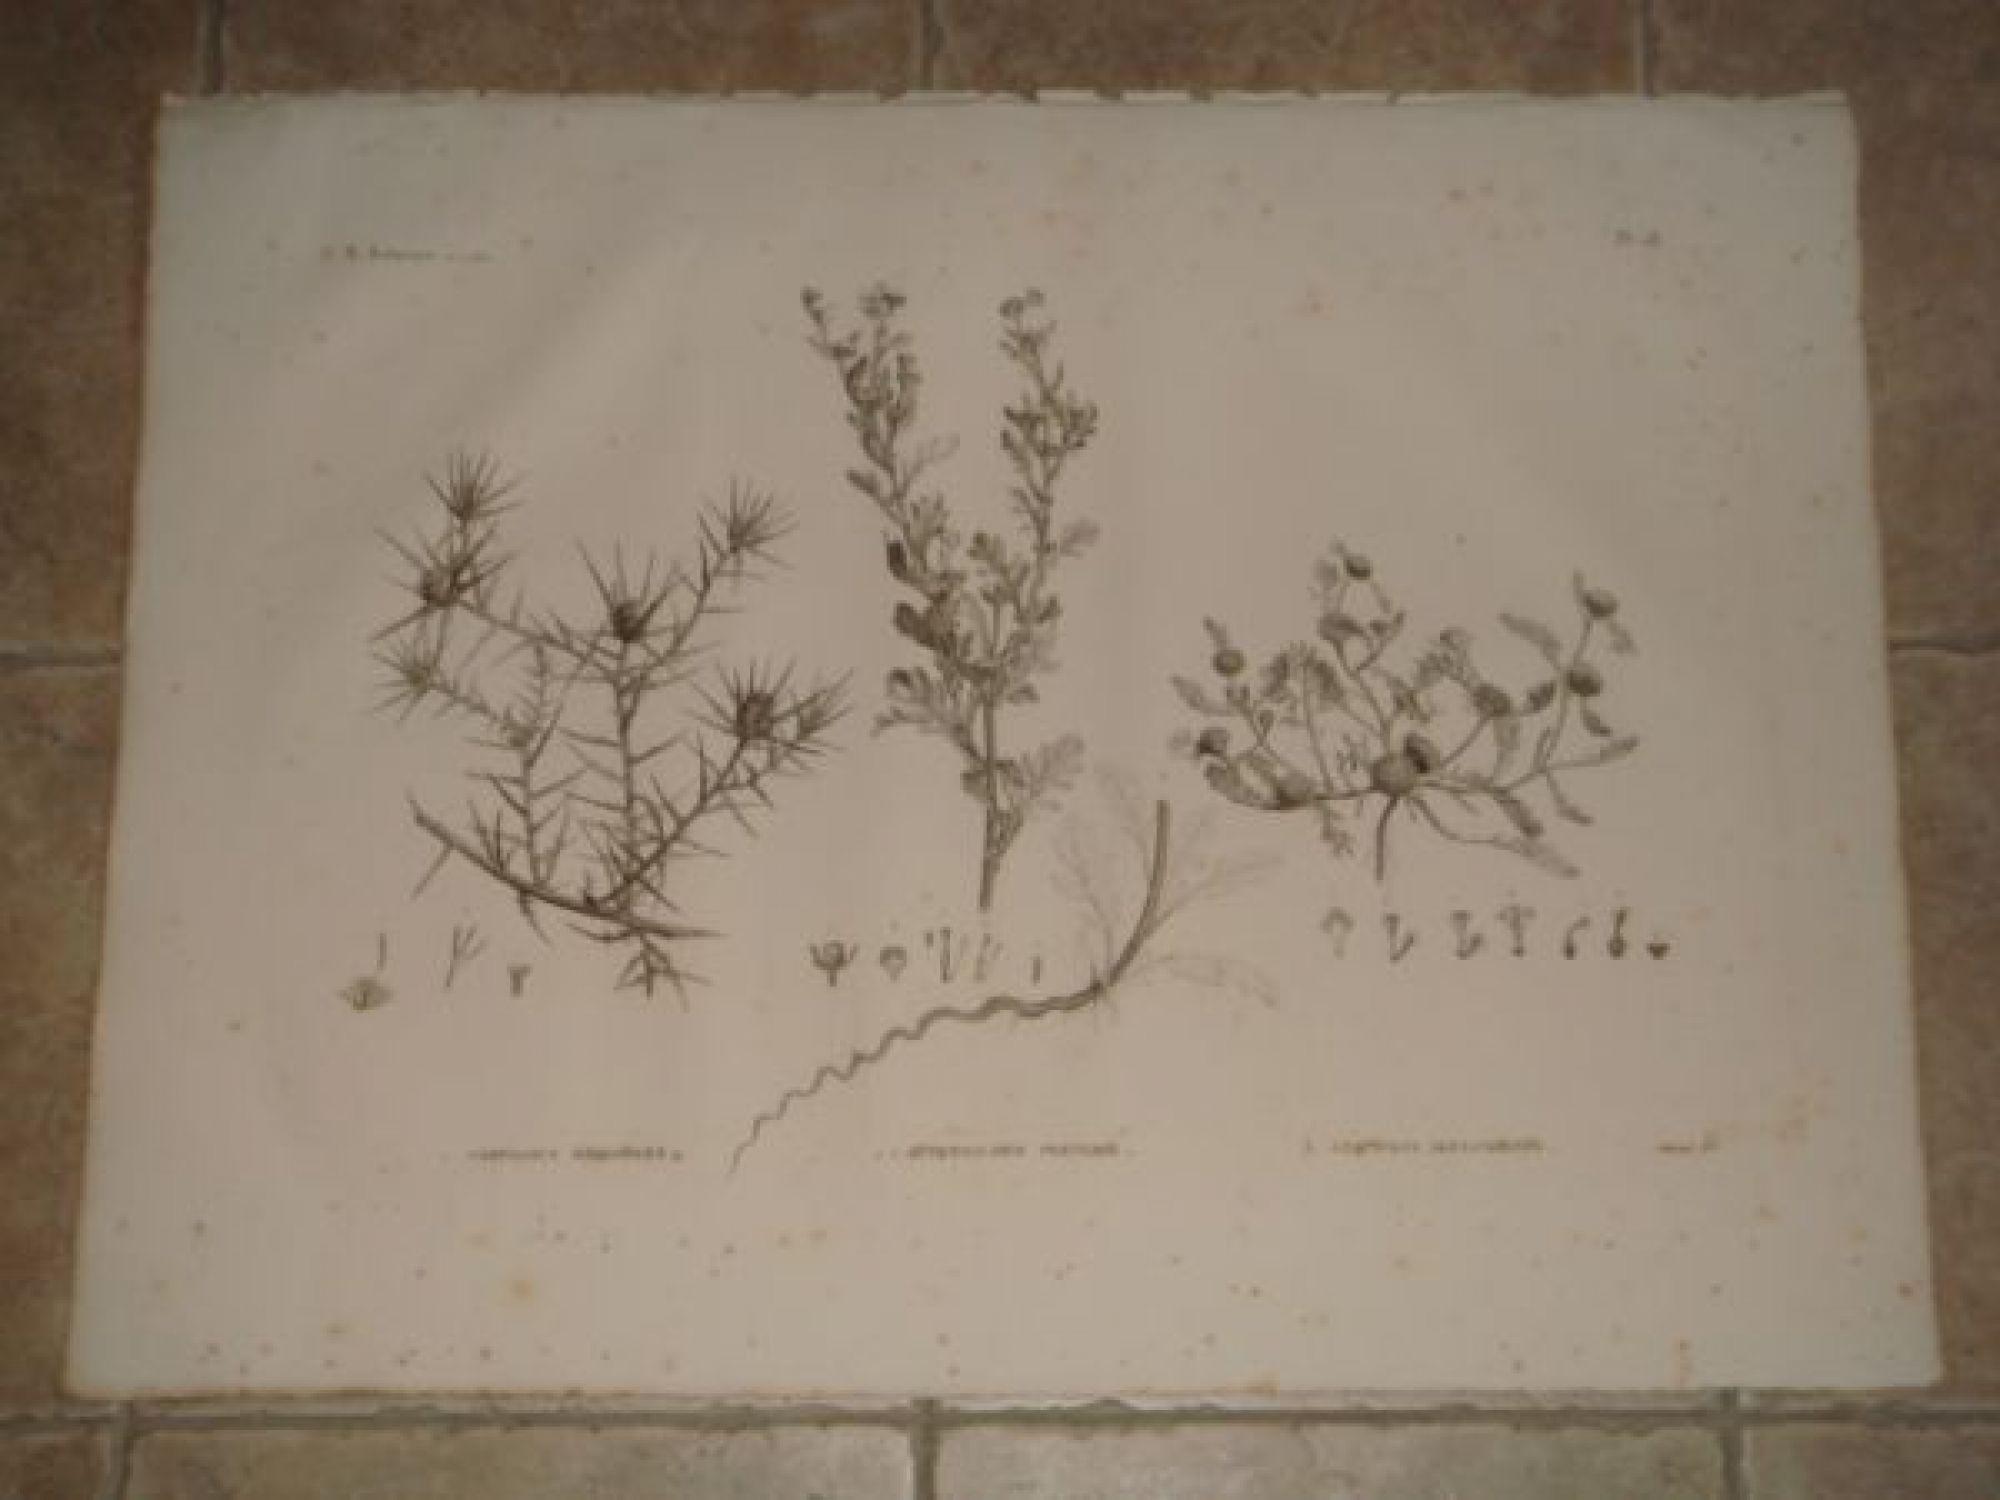 description de l 39 egypte botanique carthamus mareoticus buphtalmum pratense anacyclus. Black Bedroom Furniture Sets. Home Design Ideas